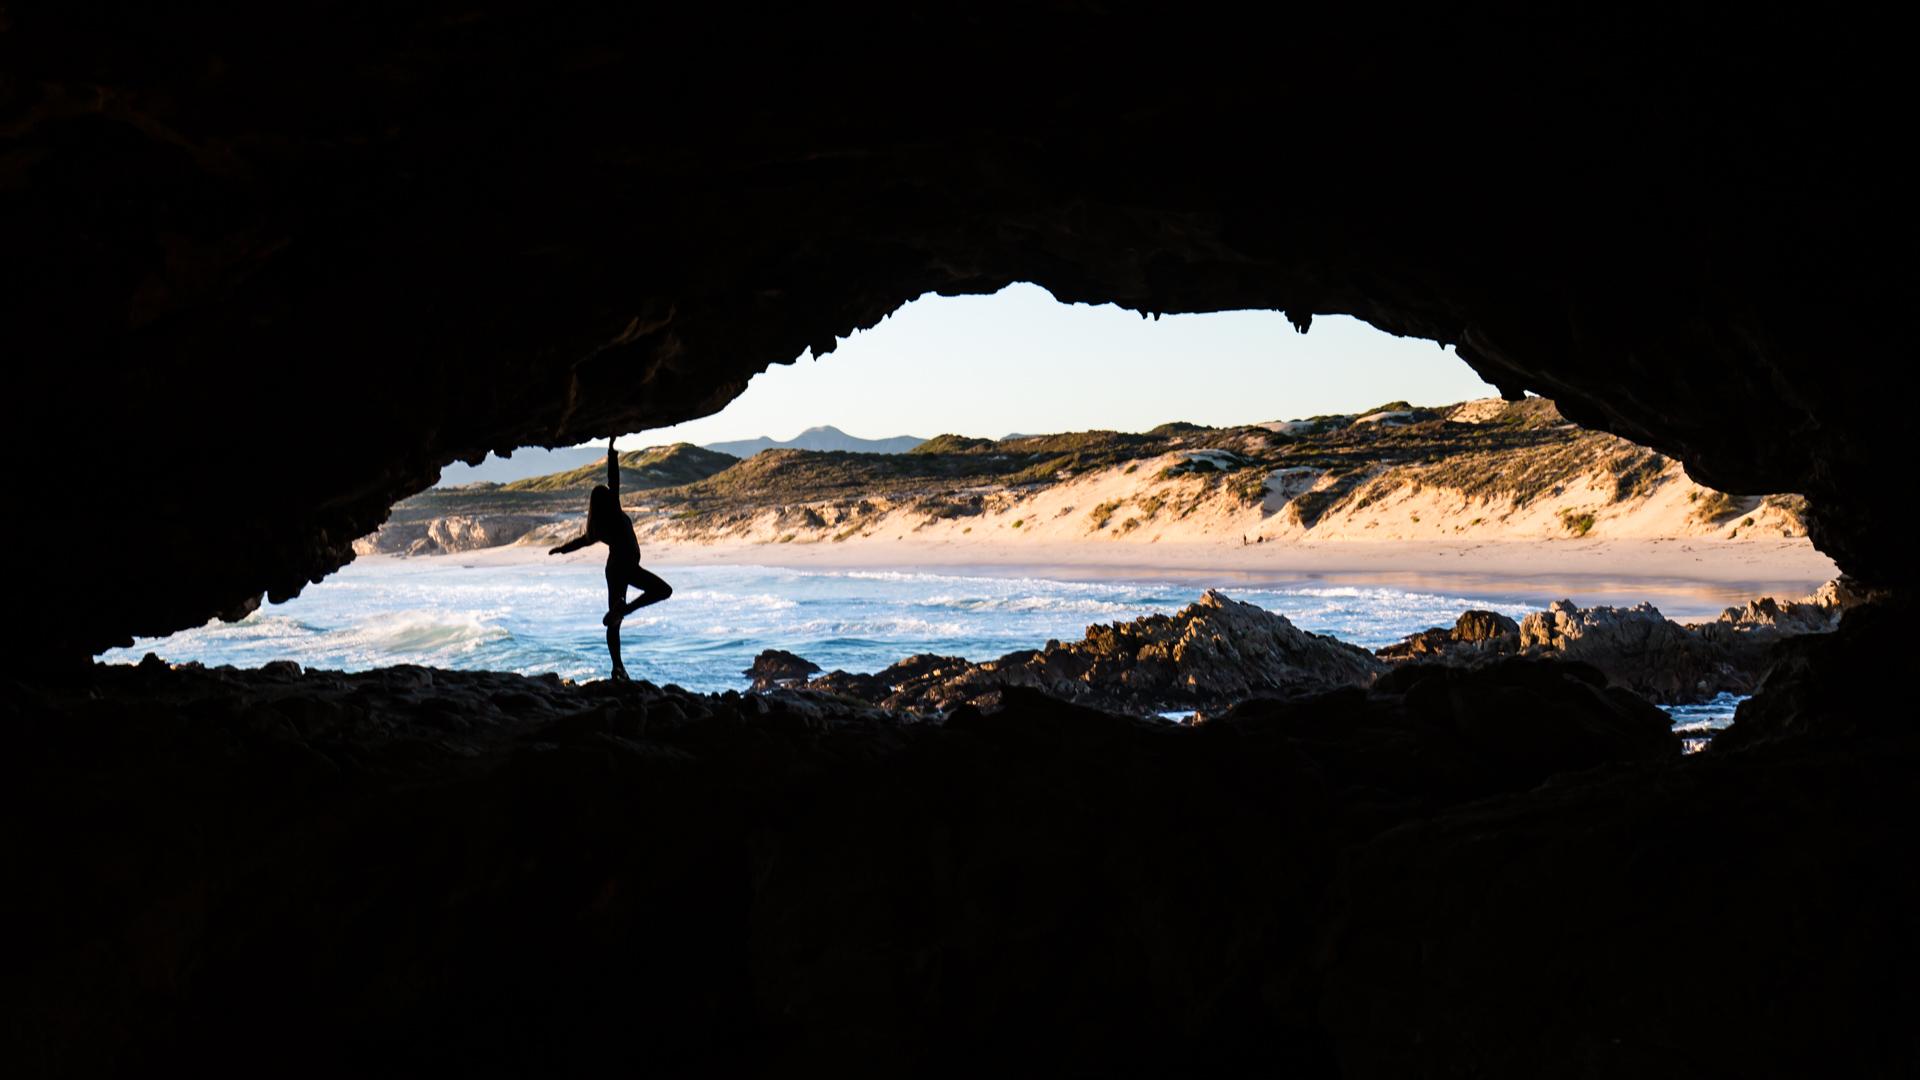 grootbos caves